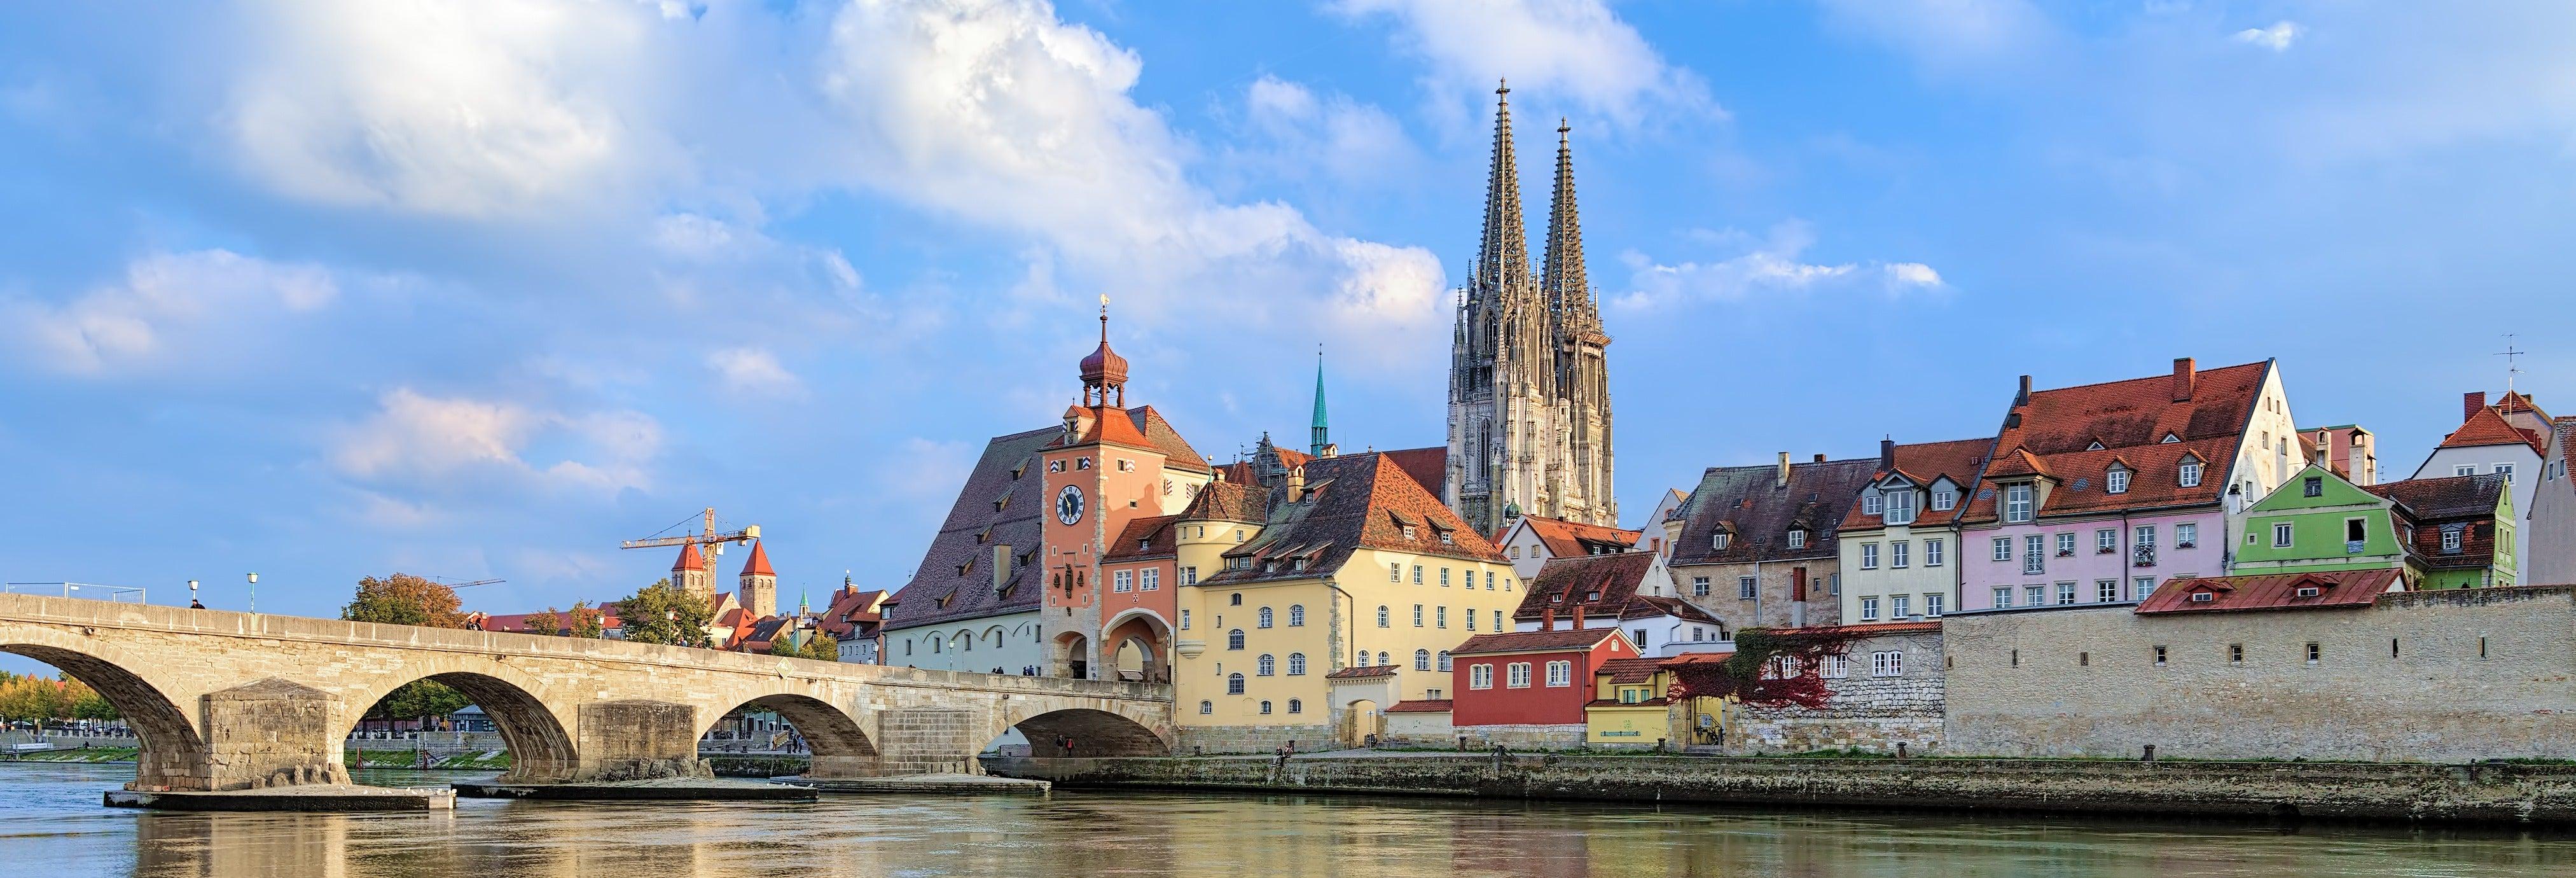 Excursión a Ratisbona + Paseo en barco por el Danubio